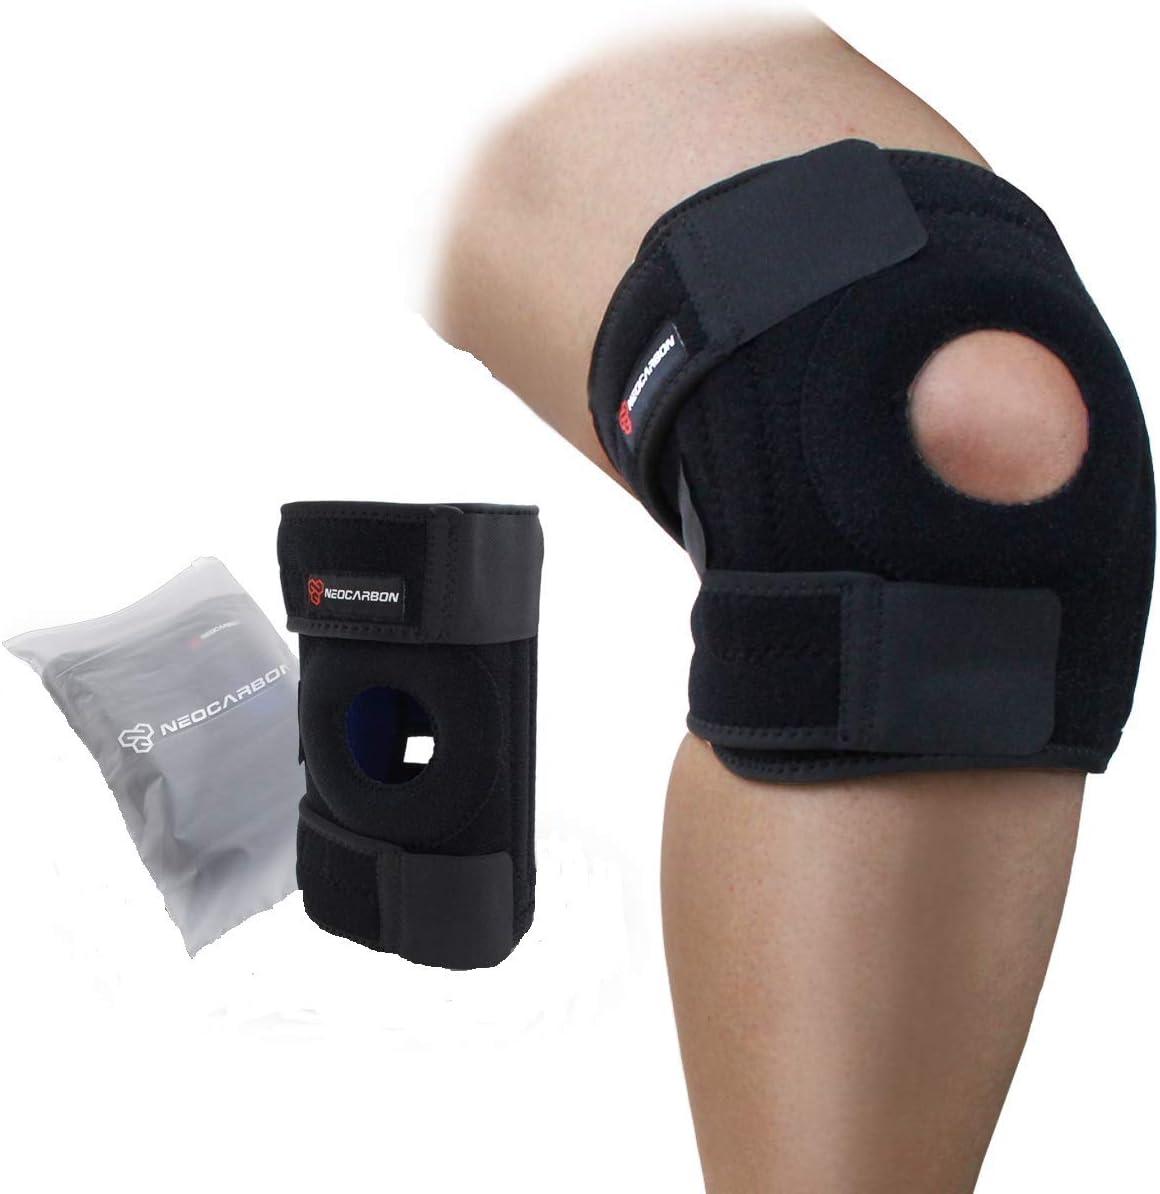 NeoCarbon rodillera de apoyo completo, anillo de compresión estabilidad para la ayuda de recuperación, tendón de patella, menisco y alivio del dolor de tendinitis